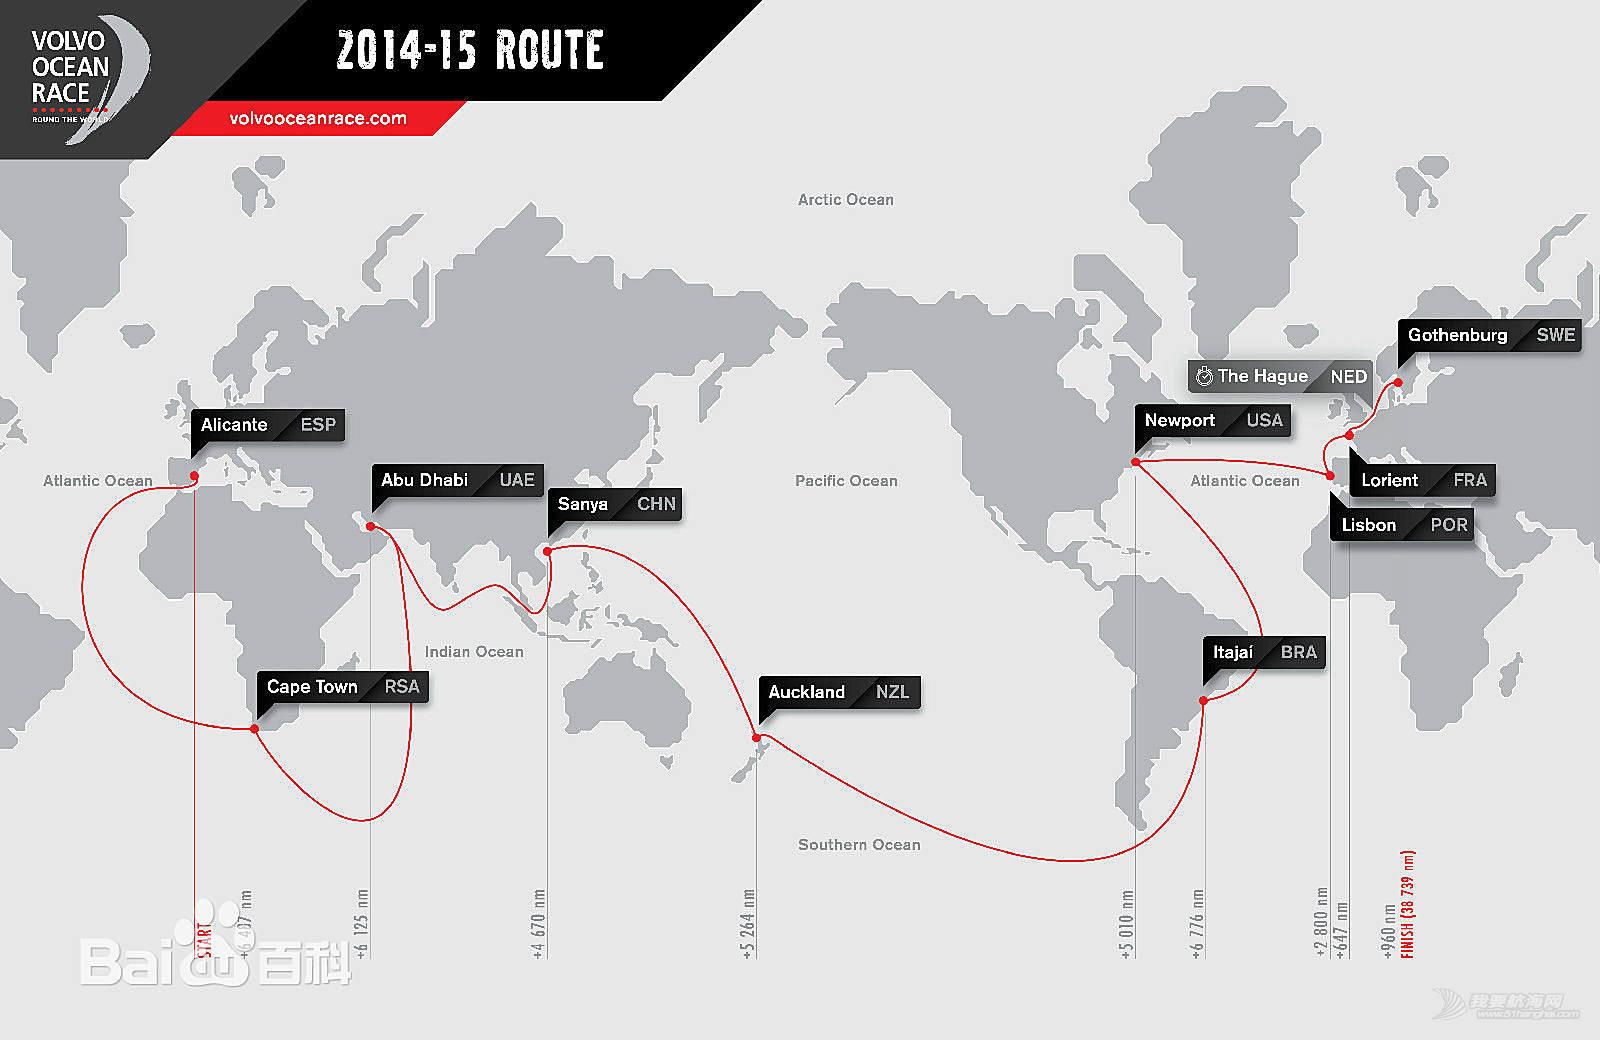 沃尔沃,美洲杯,奥运会,东北风,加工厂 极限挑战之——沃尔沃帆船赛